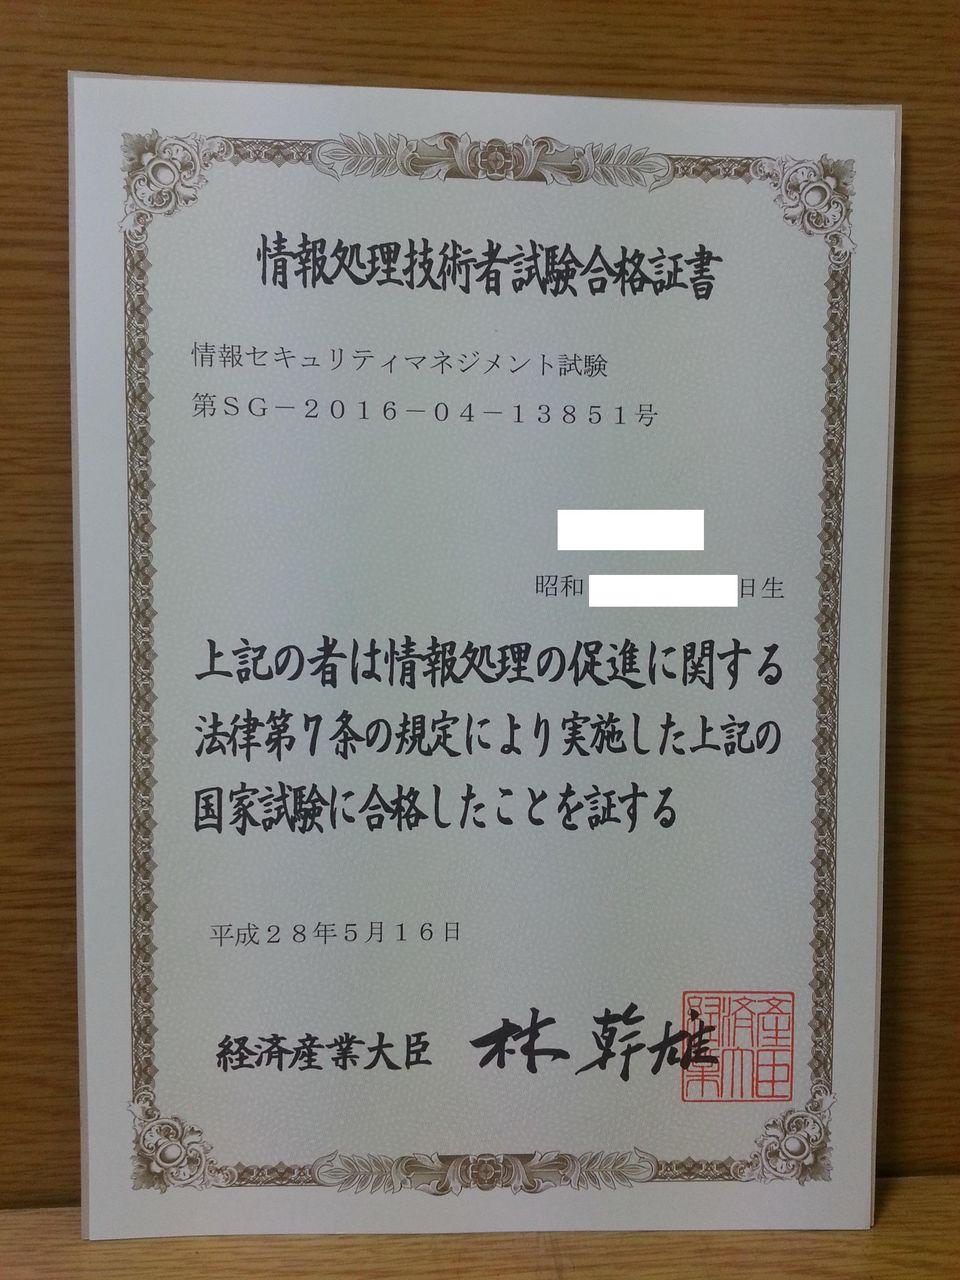 マネジメント 情報 セキュリティ